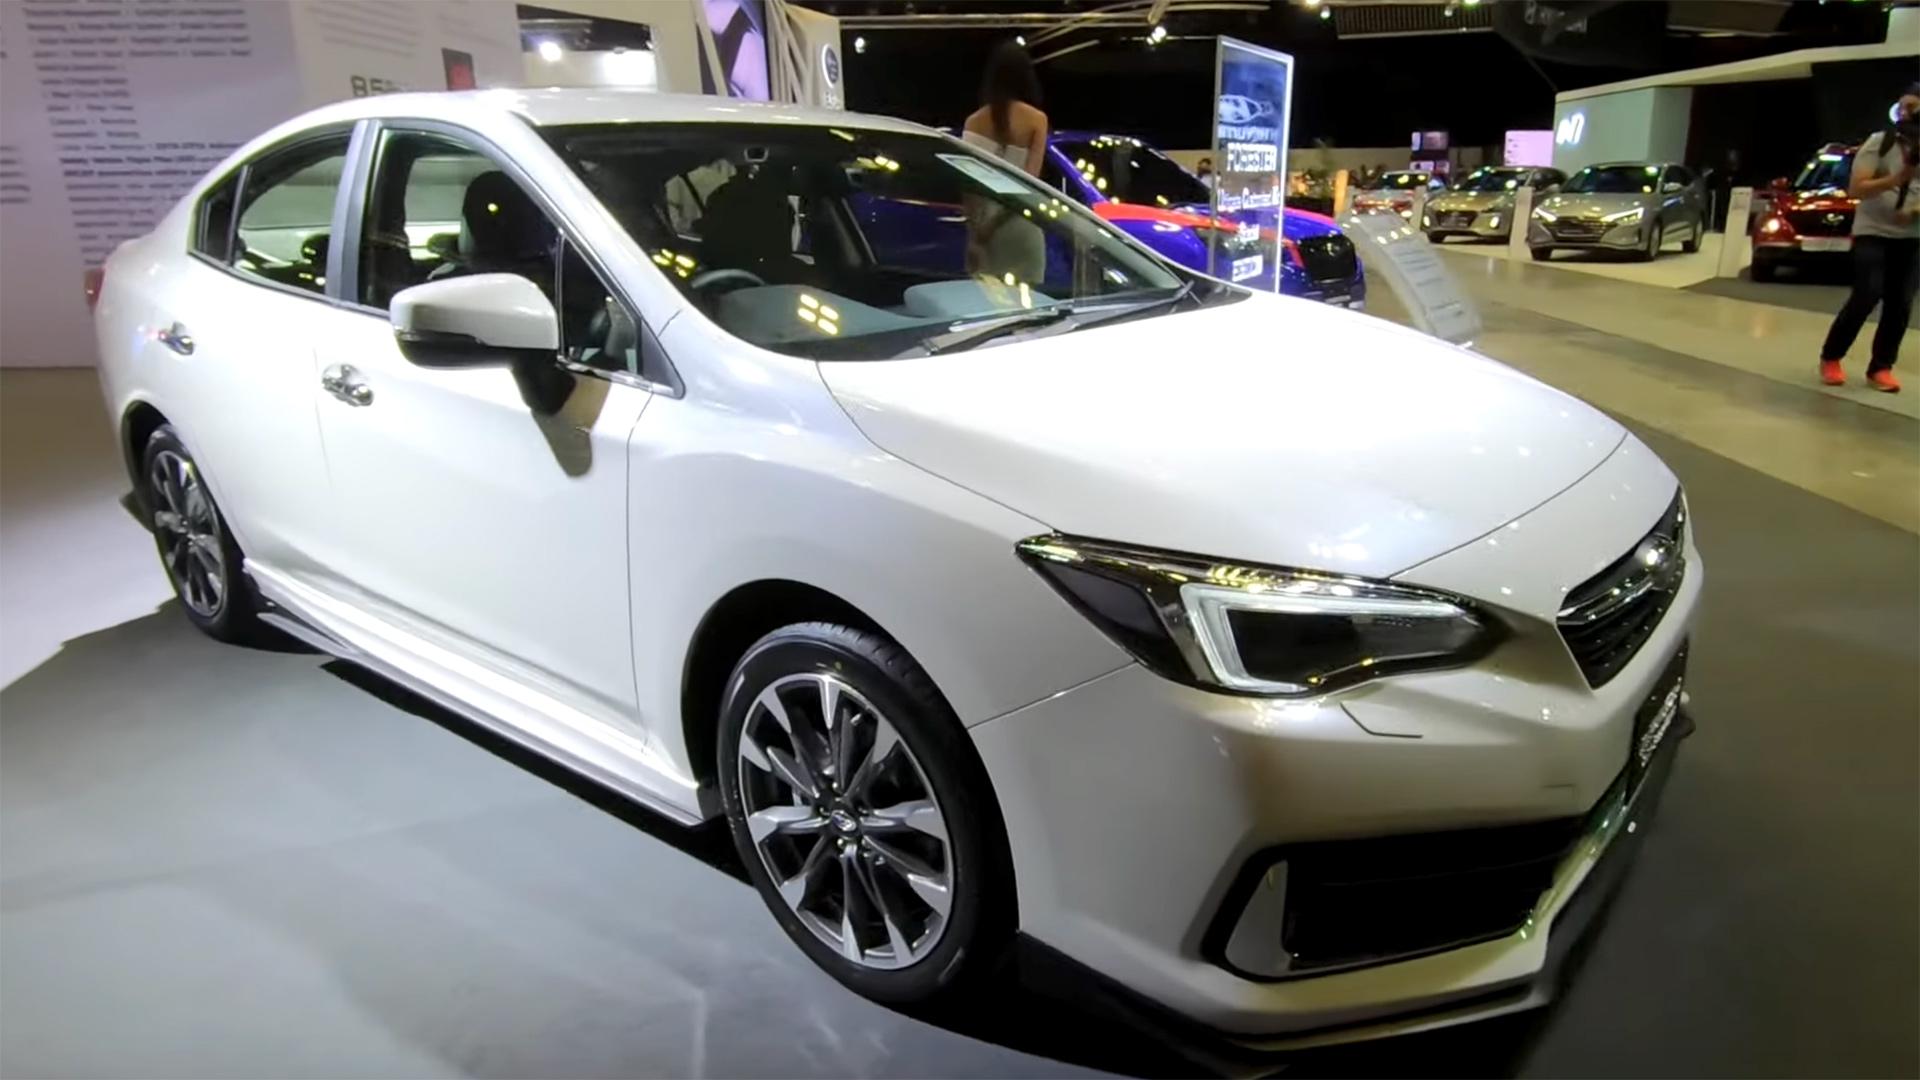 Đánh giá Subaru Impreza 2020: Đối thủ của Honda Civic 2020 và Mazda3 2020